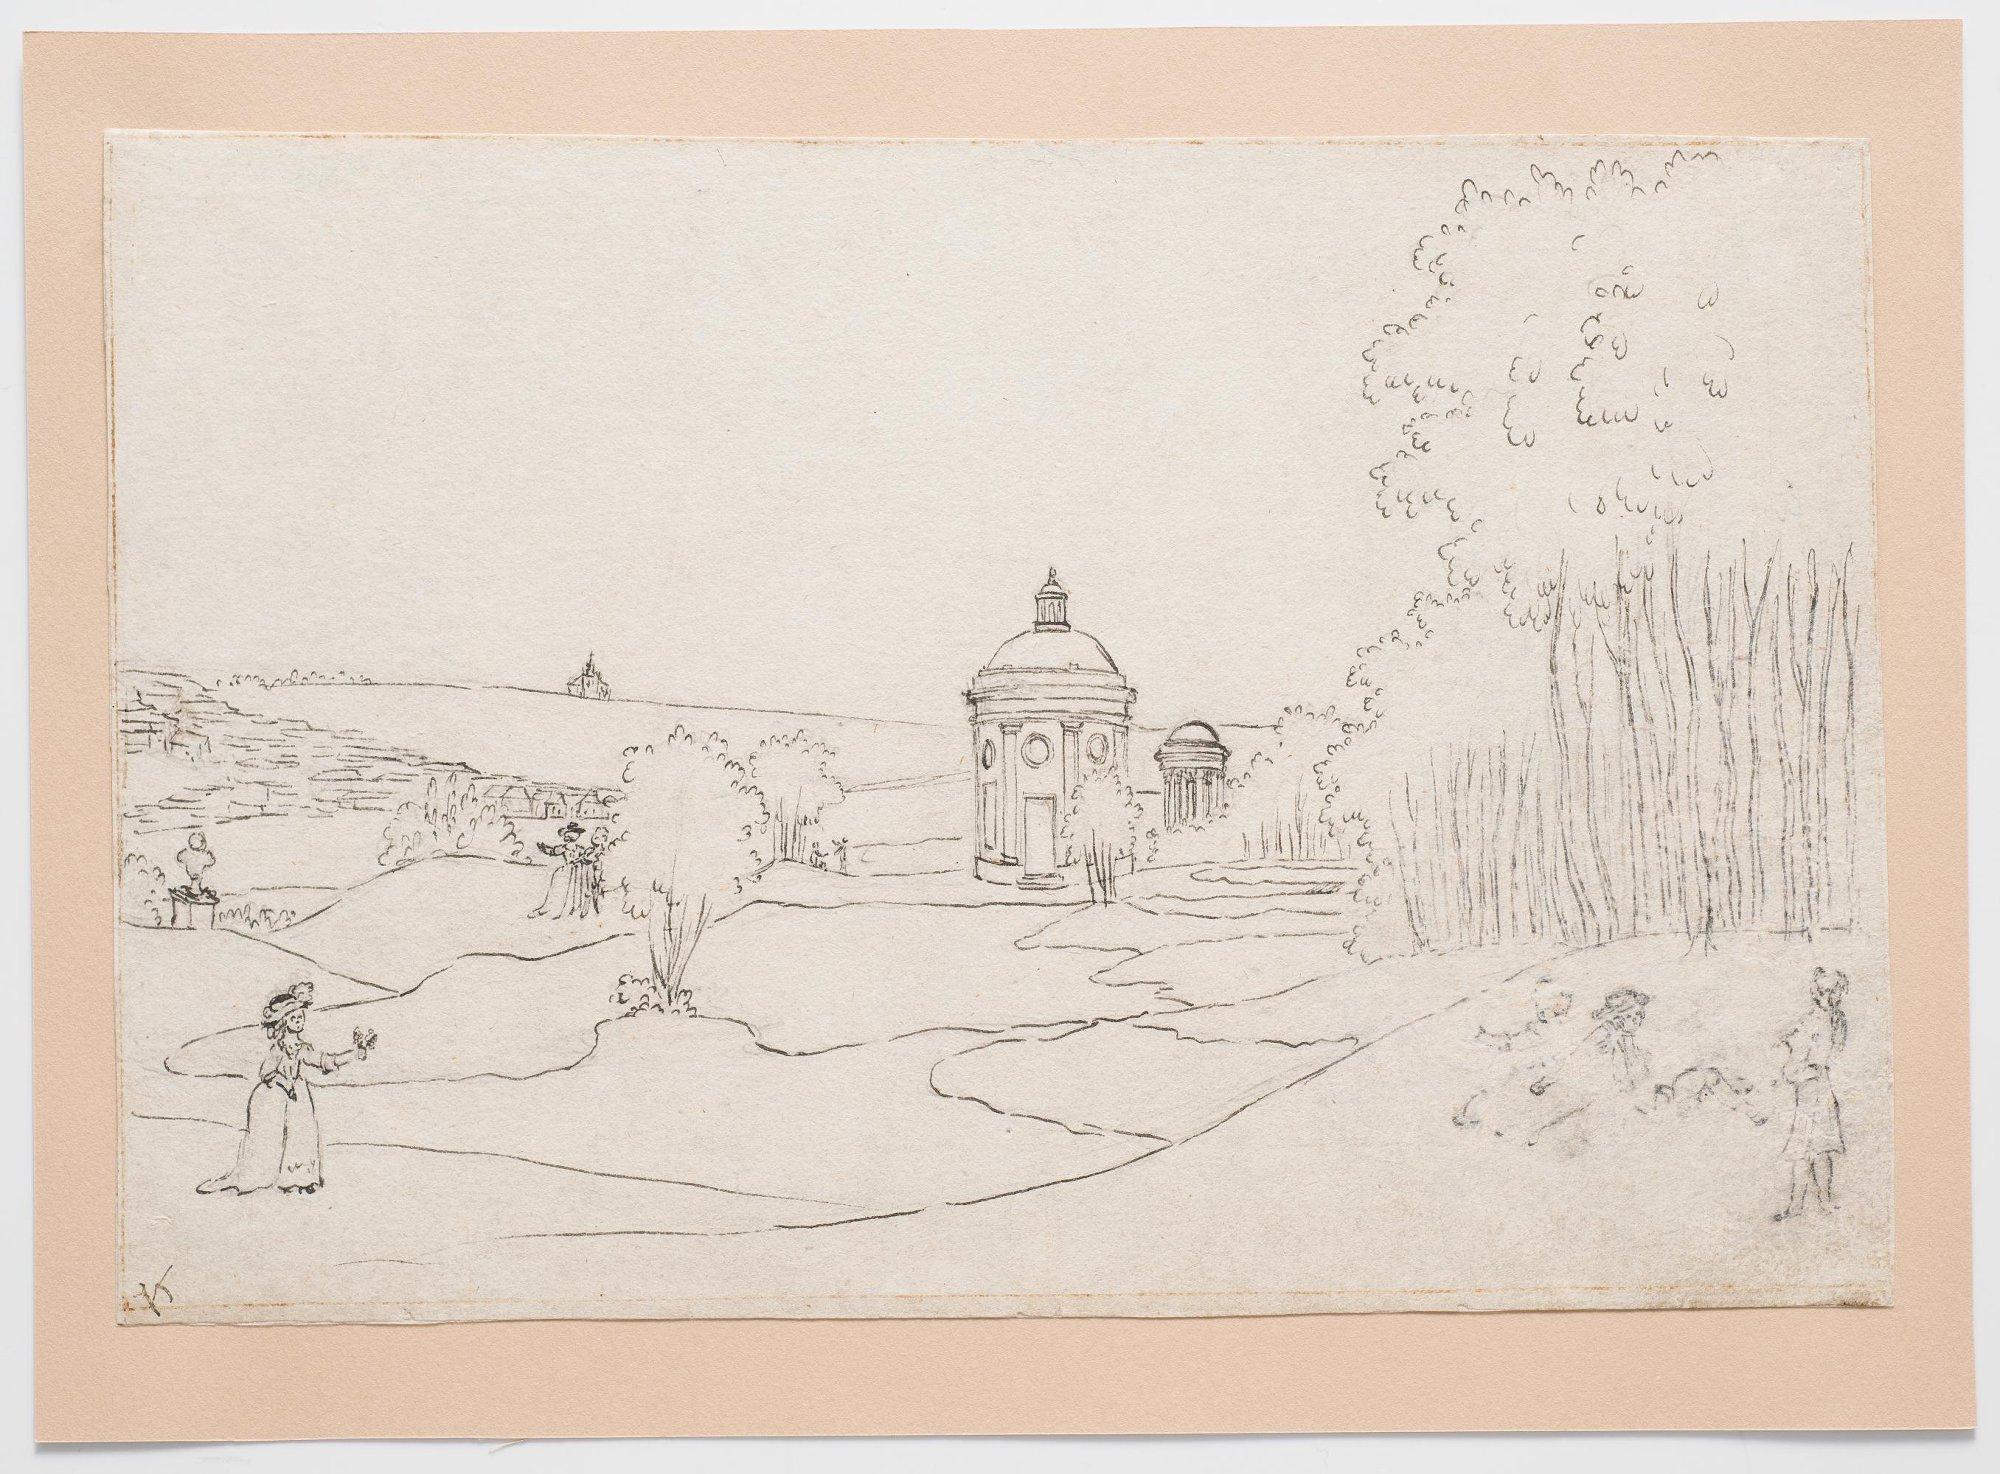 Вид Богородицкого парка с круглым павильоном и ротондой на дальнем плане